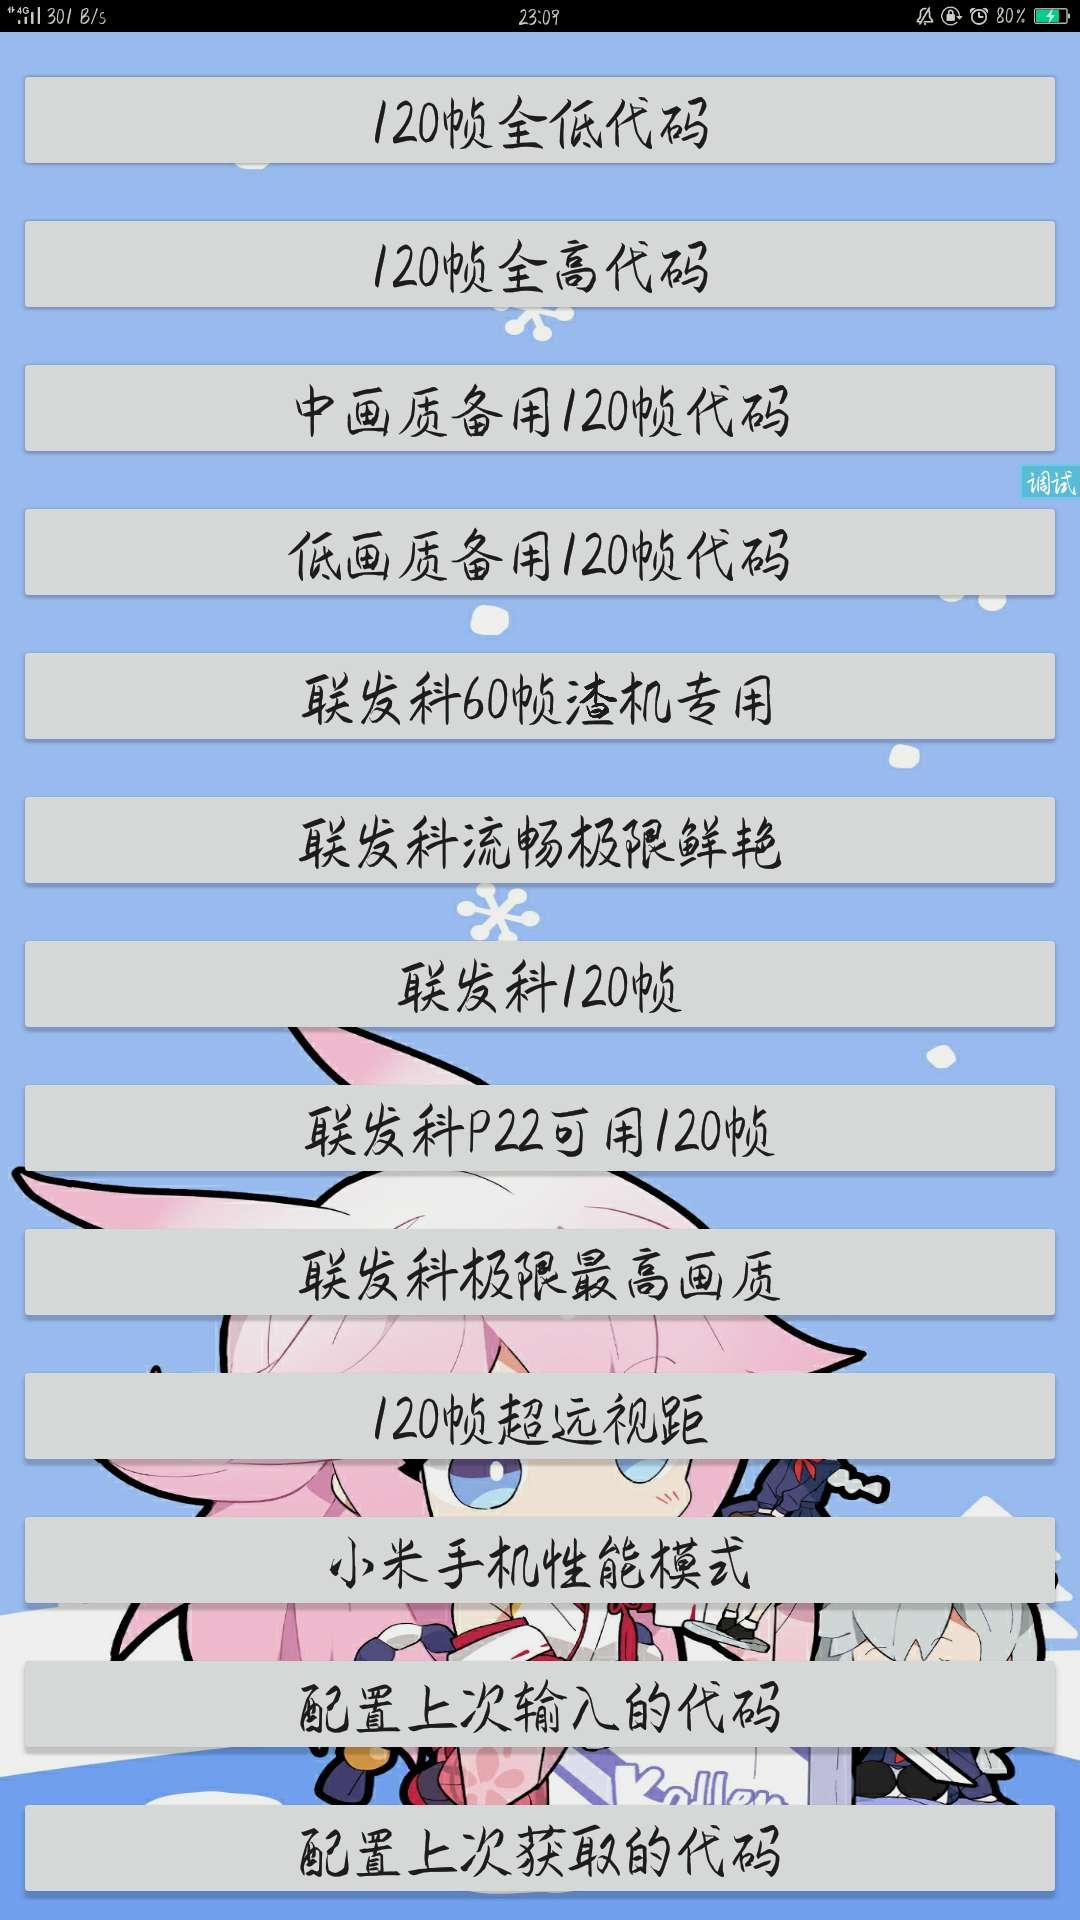 【原创软件】懒人吃鸡启动器V3.2(锁定画质代码)(和平精英)